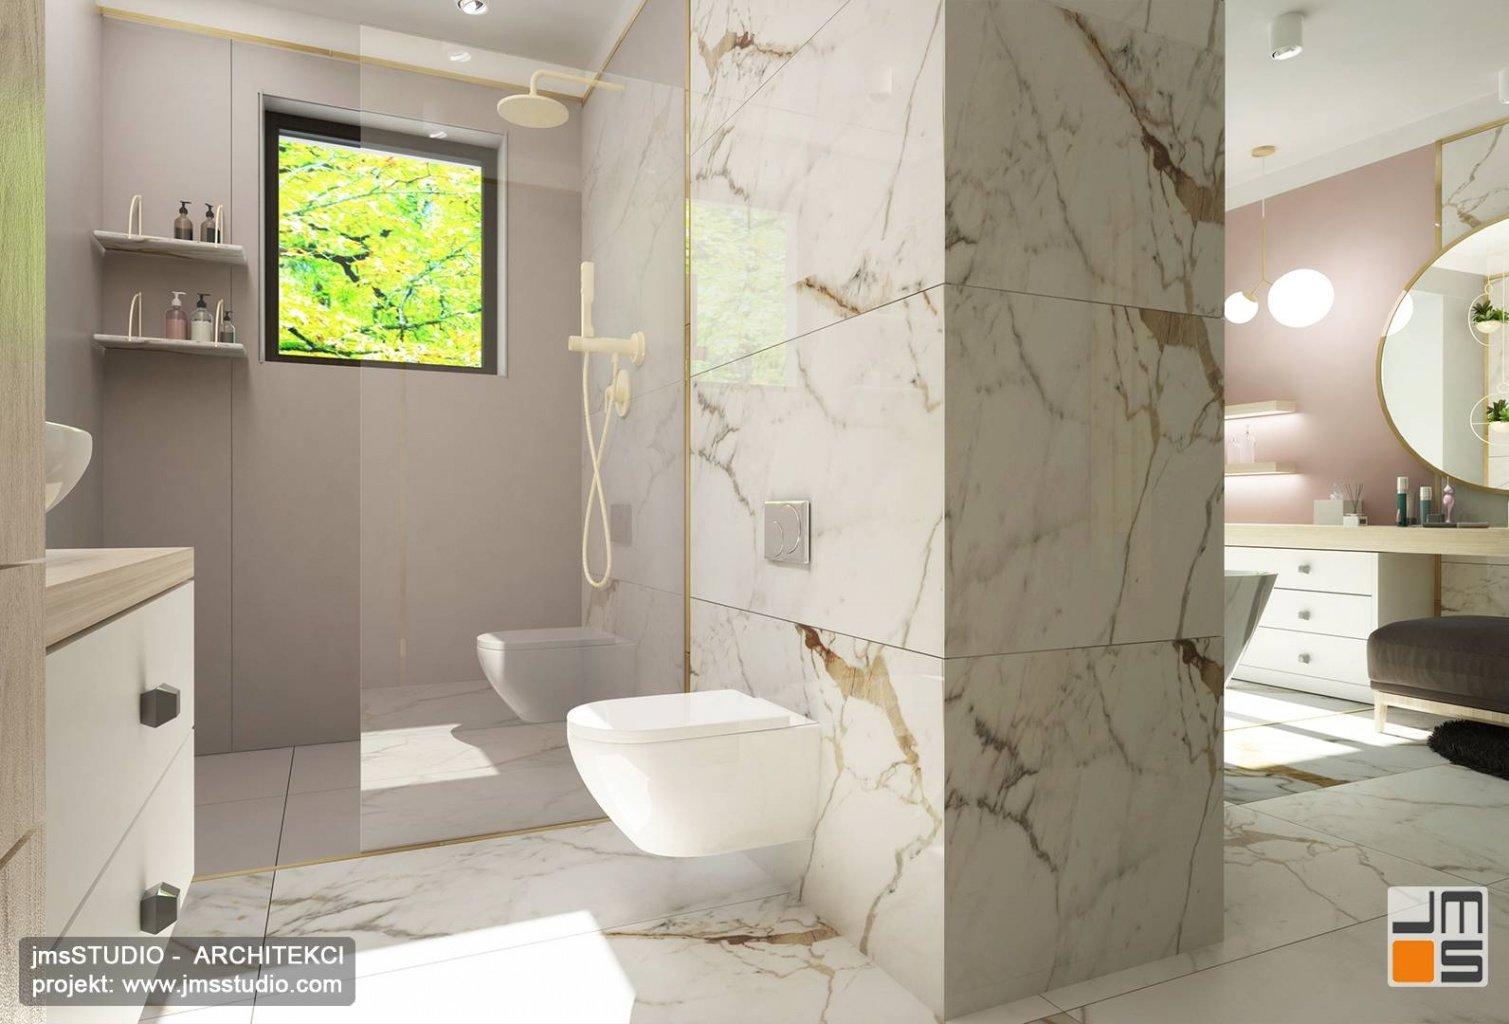 kabina prysznicowa z oknem to pomysł na aranżacja wnętrz dużej łazienki w Katowice